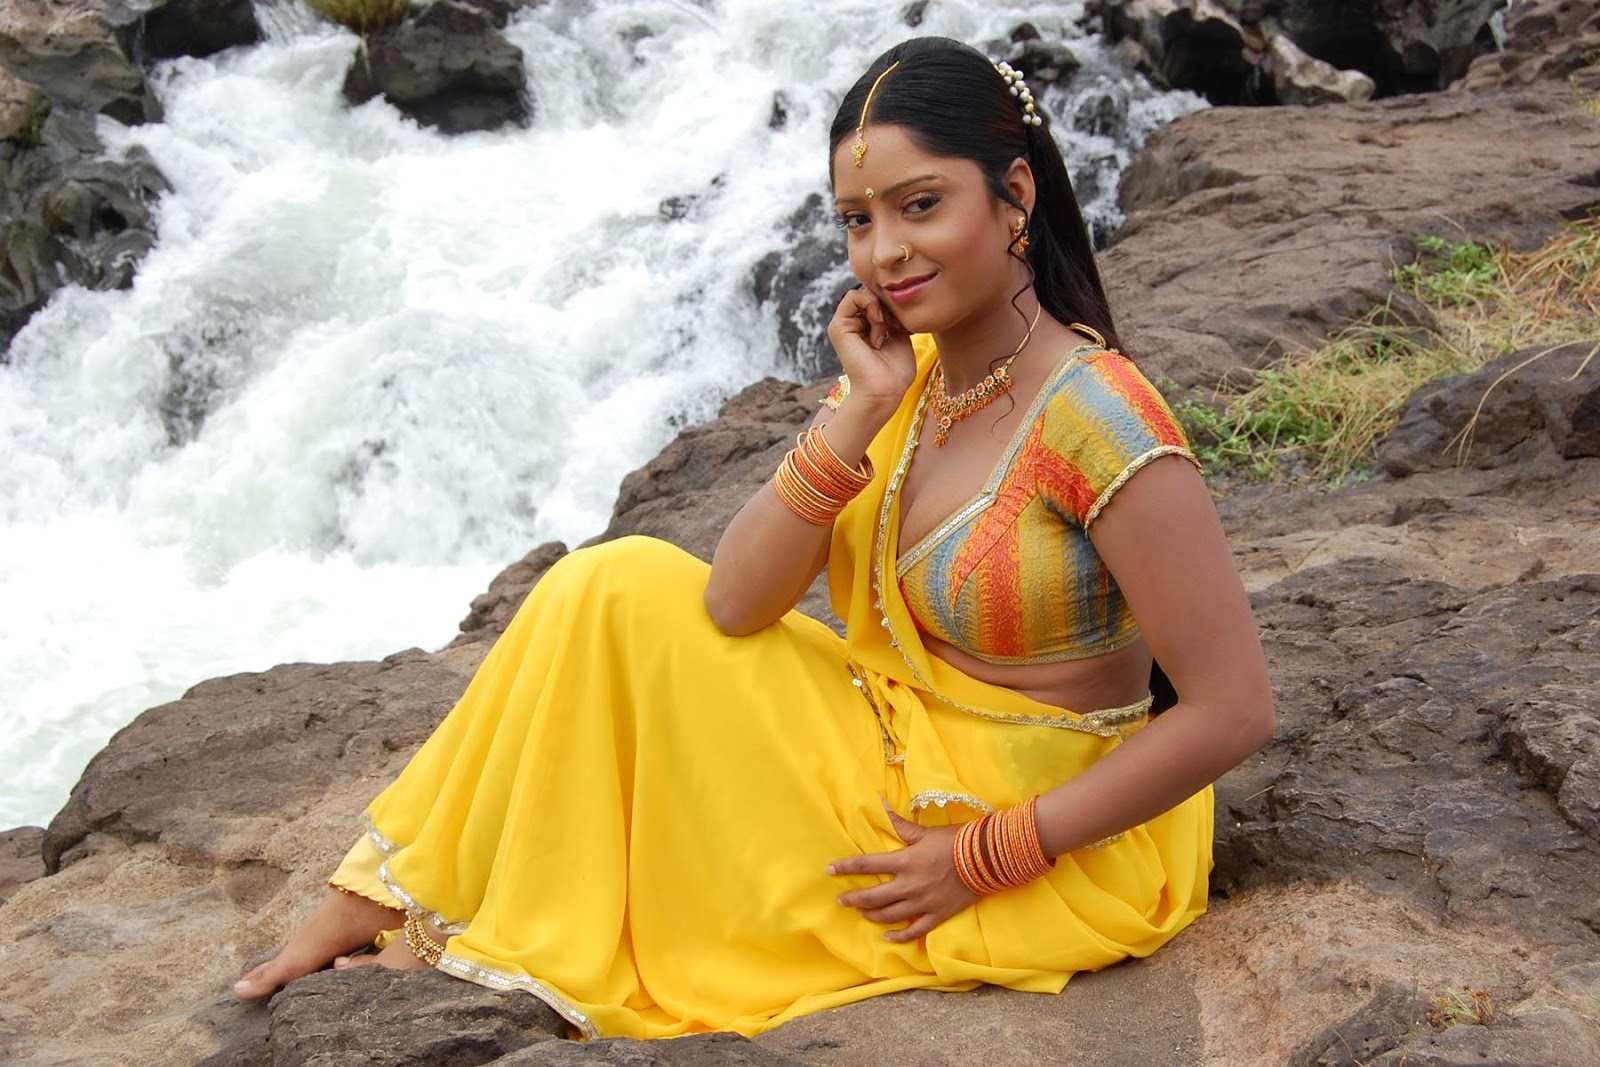 ... AAAAAAAAACU/cdFrhvHHOCo/s1600/subhi+sharma+Bhojpuri+Movie+Actress.jpg